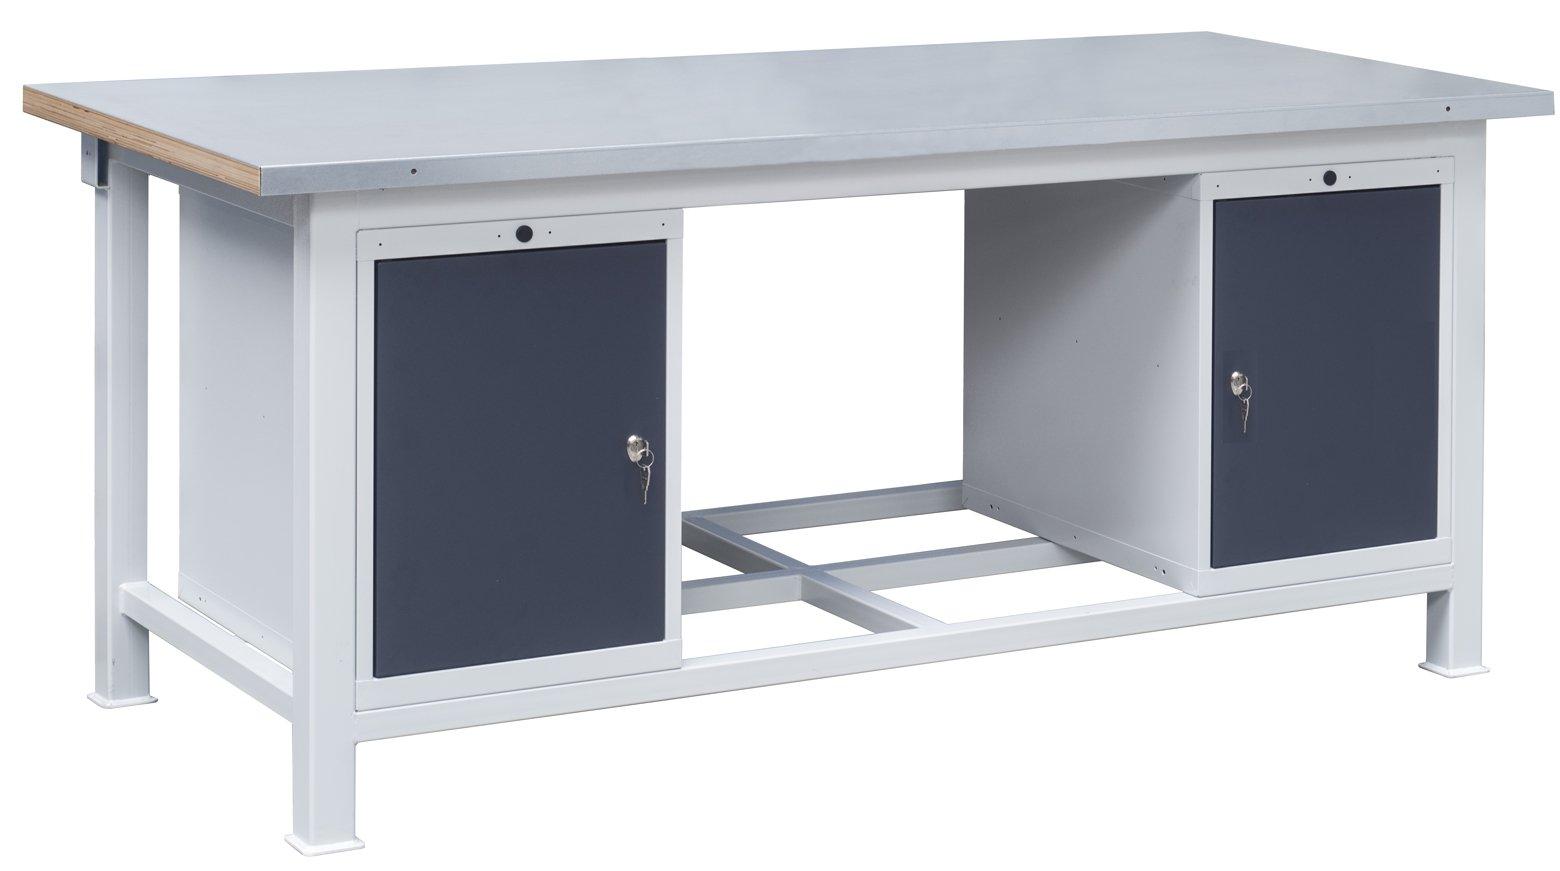 Stół warsztatowy o nośności 3000 kg